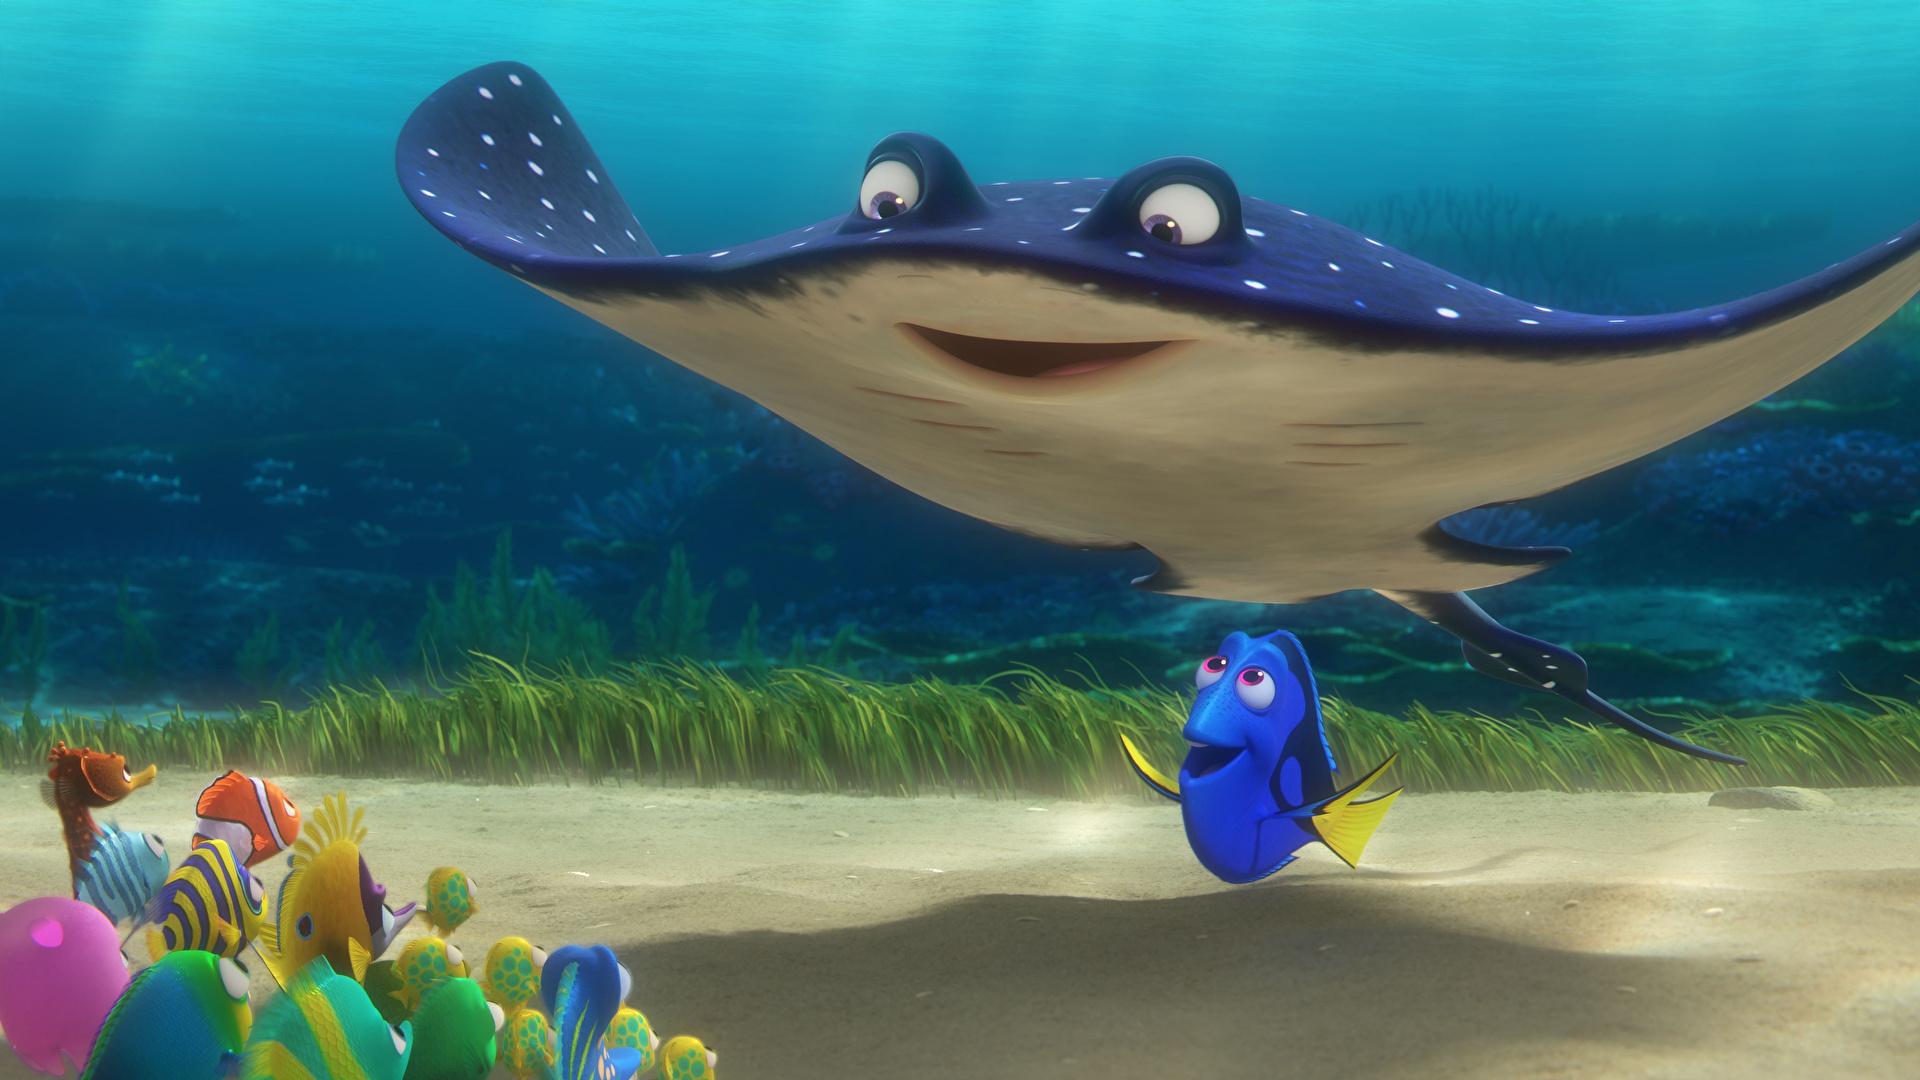 Фотография Рыбы Скаты Подводный мир Finding Dory 3д Мультики 1920x1080 мультик 3D Графика Мультфильмы